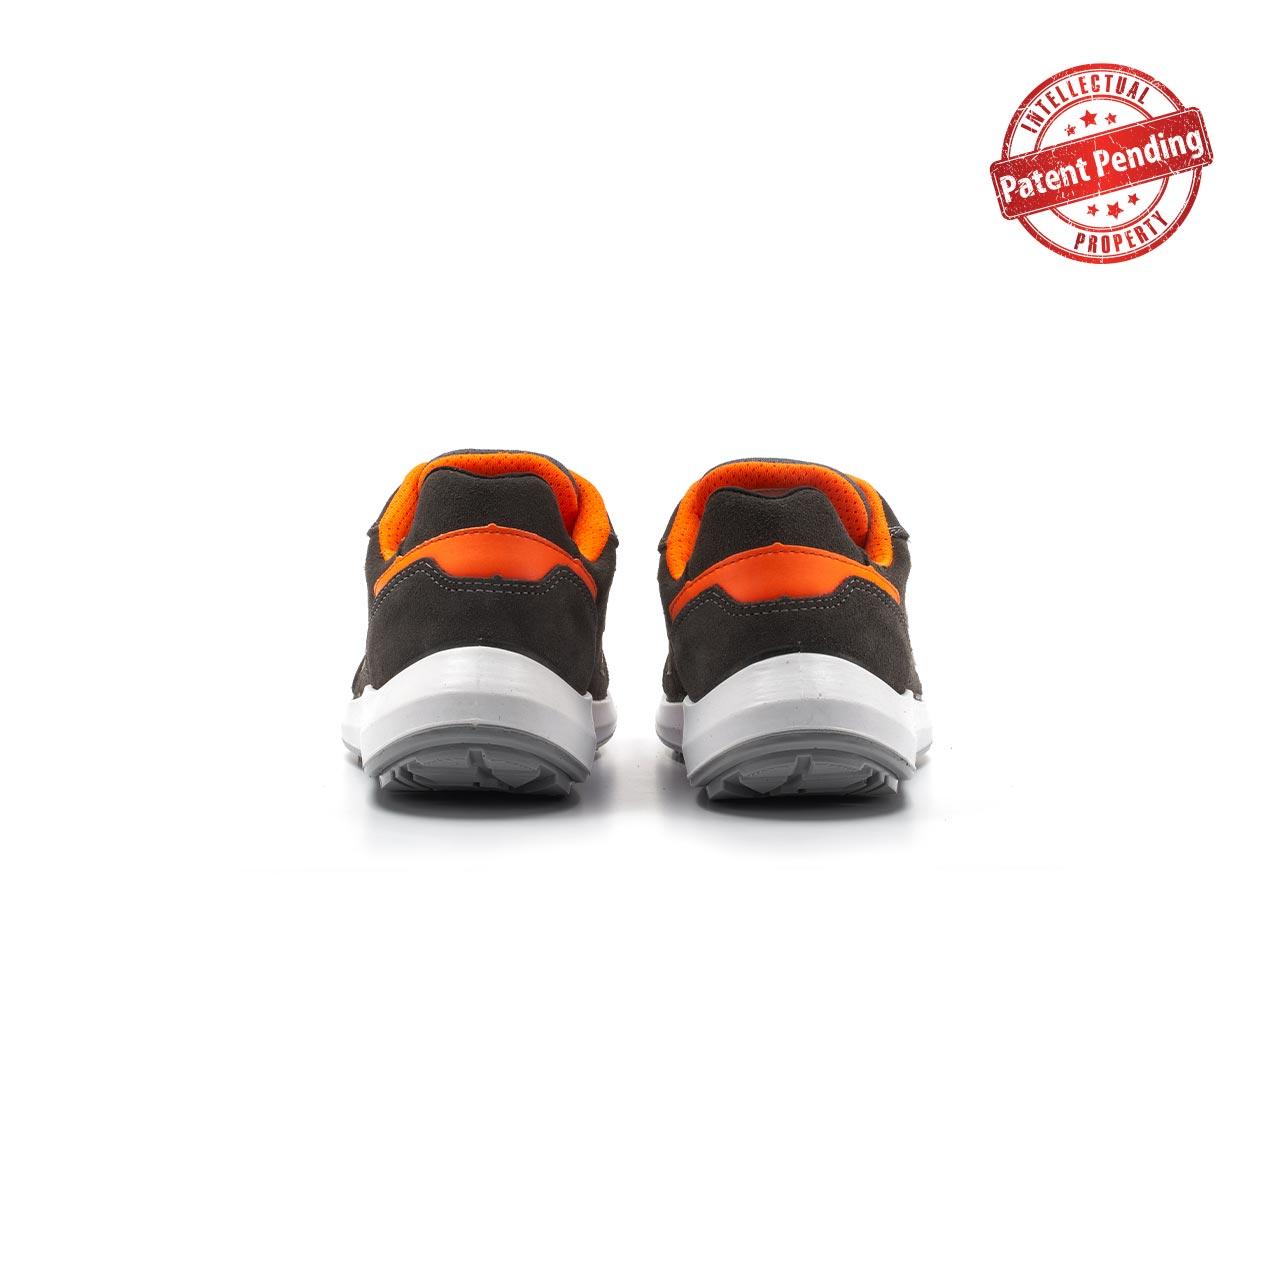 paio di scarpe antinfortunistiche upower modello sirio linea redup vista retro